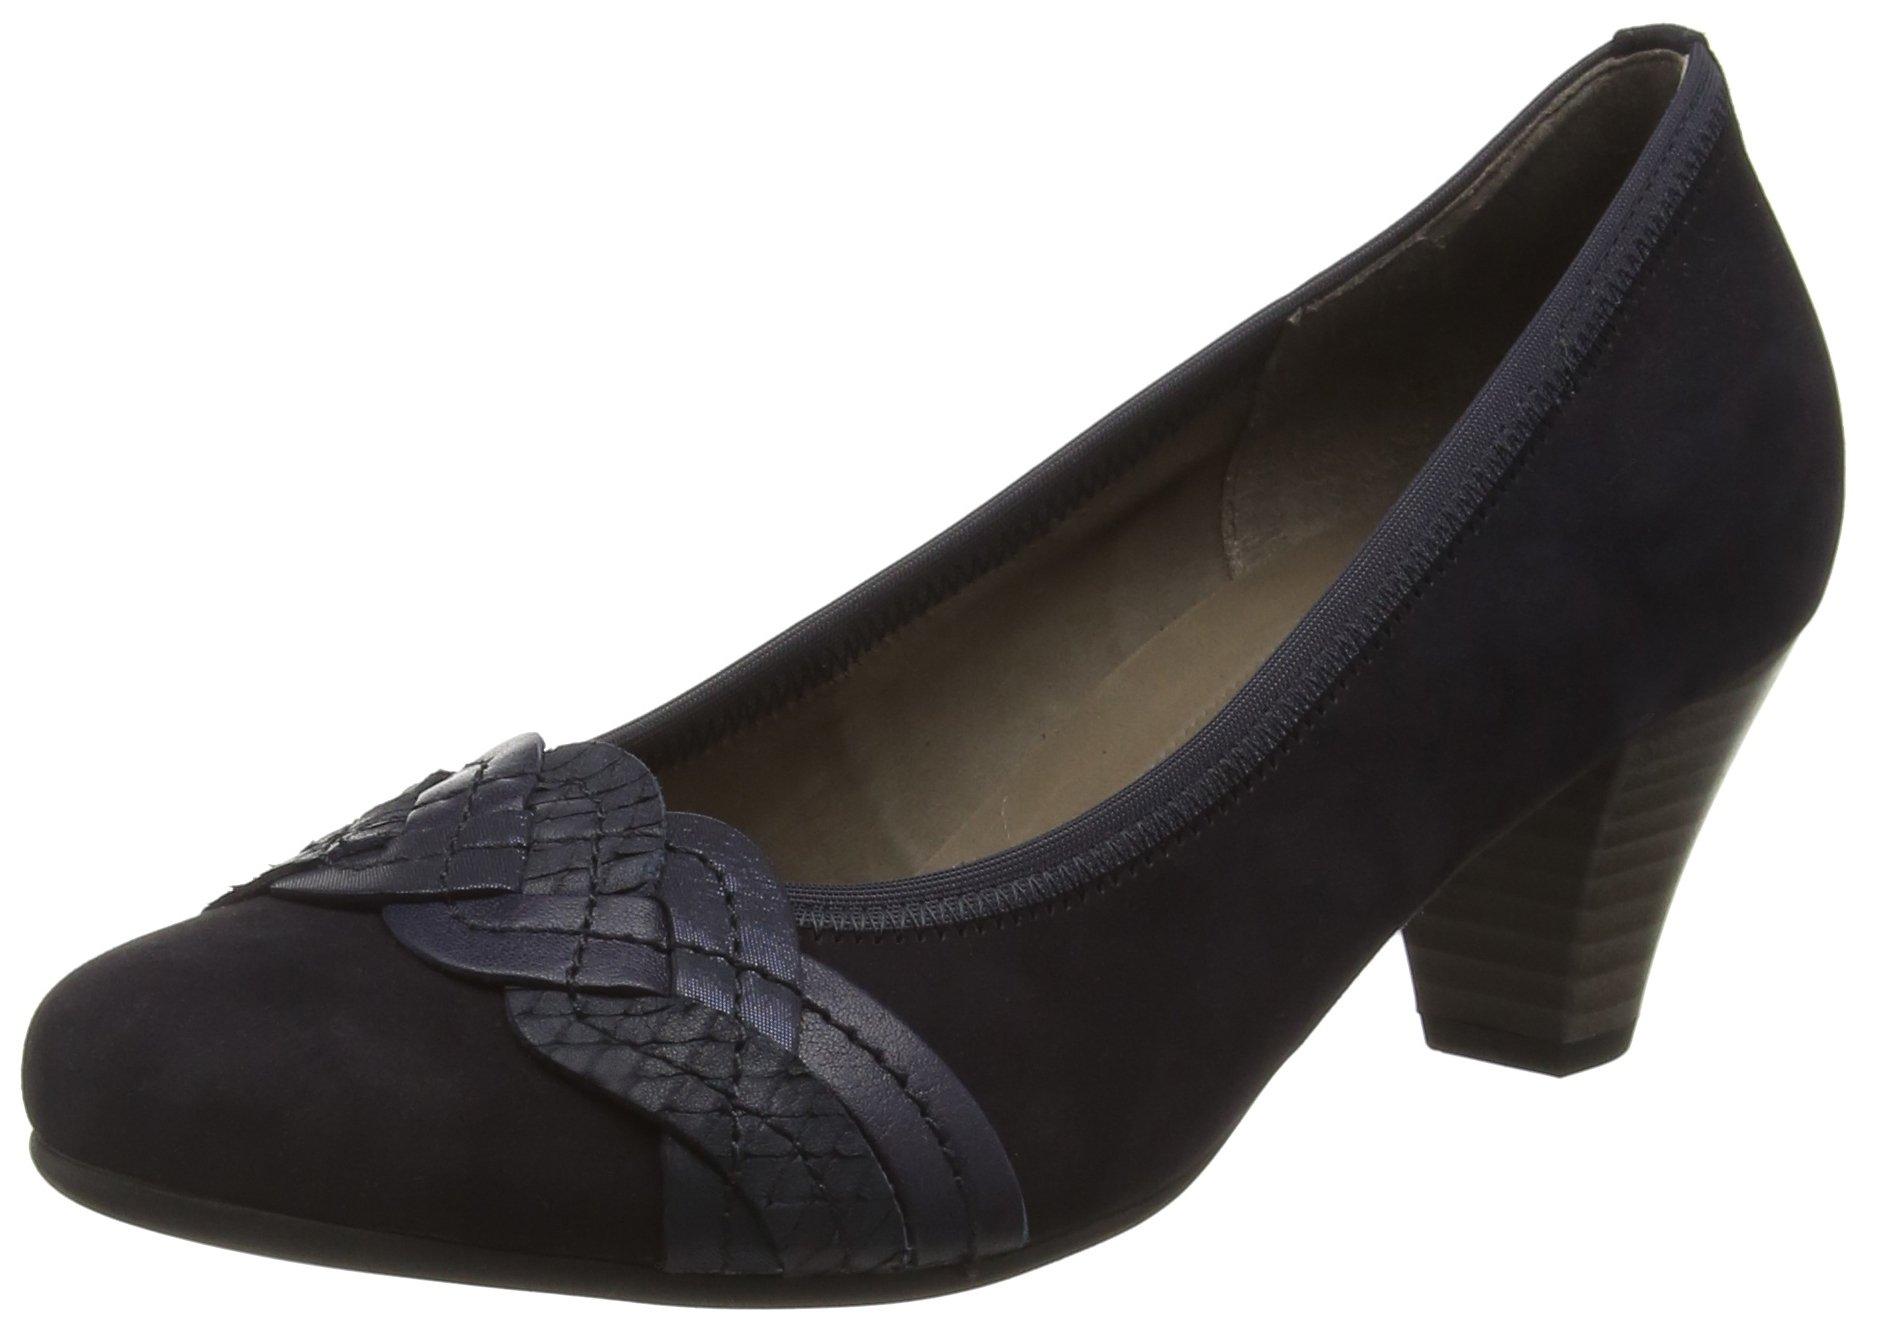 Shoes Pazifik 5 Eu9 Uk GaborEscarpins Gabor blue44 FemmeMulticolore16 ocean ZXTOPkiu